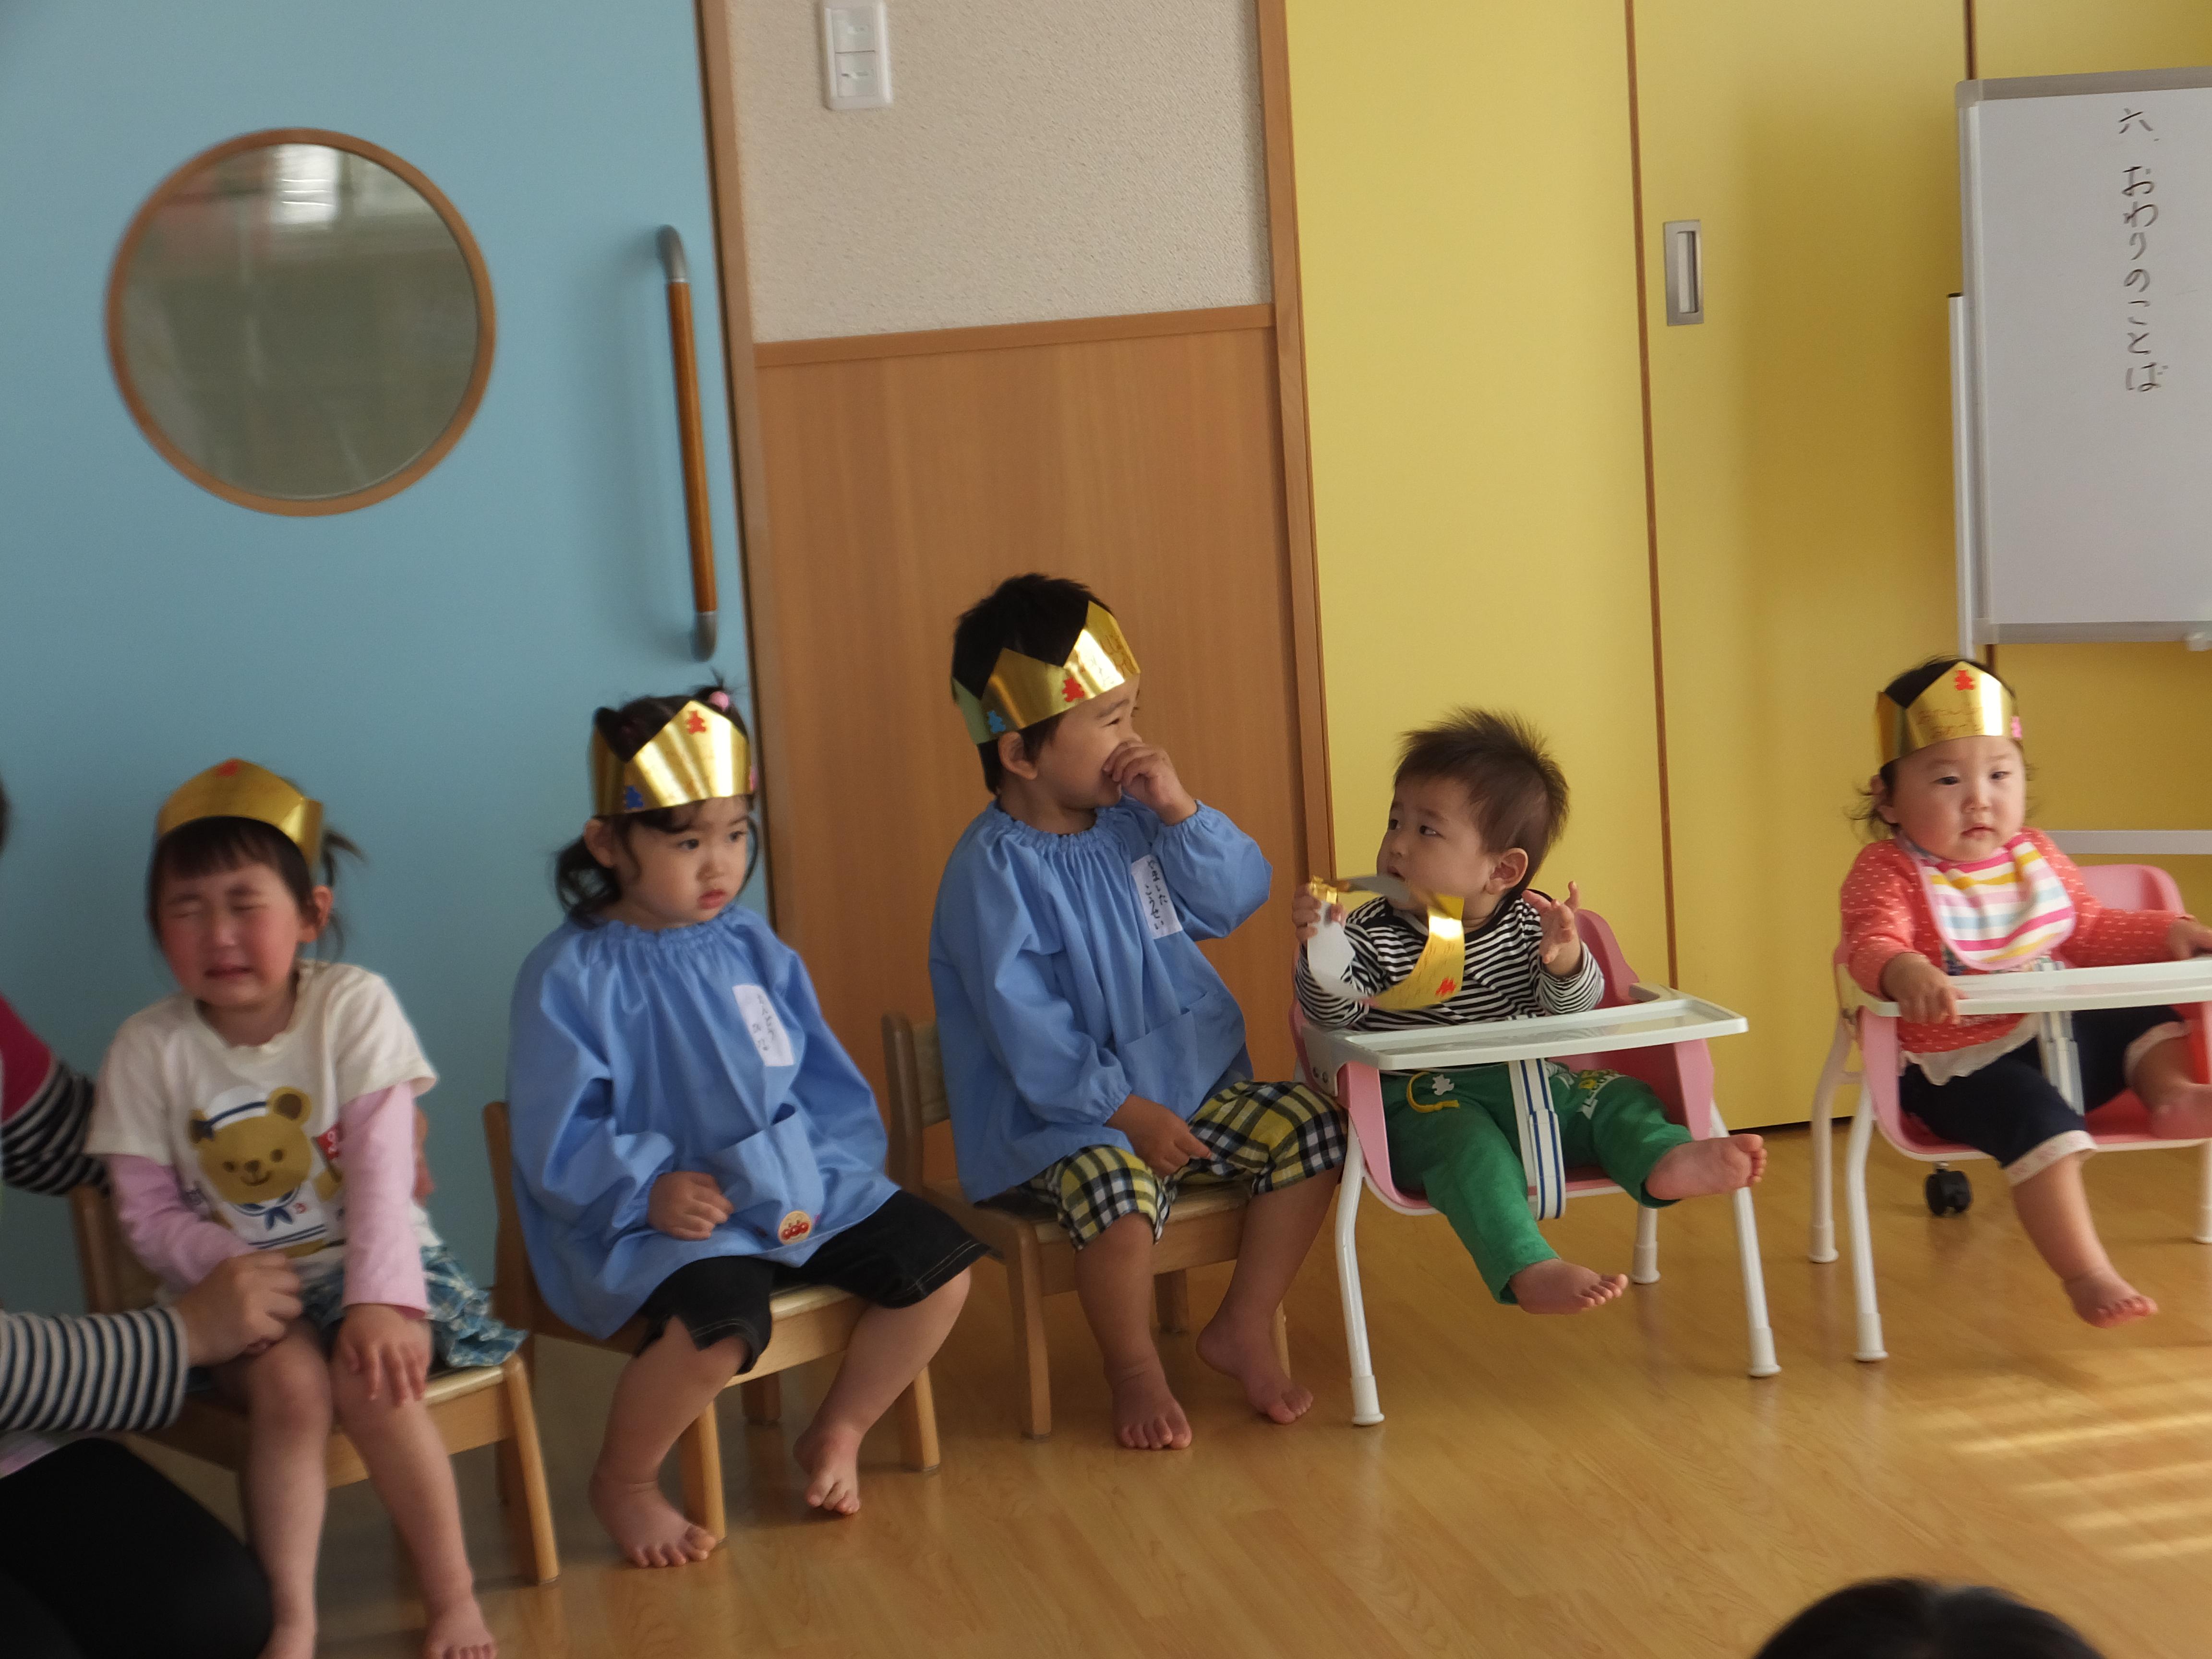 2015.04.24-4gatu-nyuuji-otannjyoukai-001